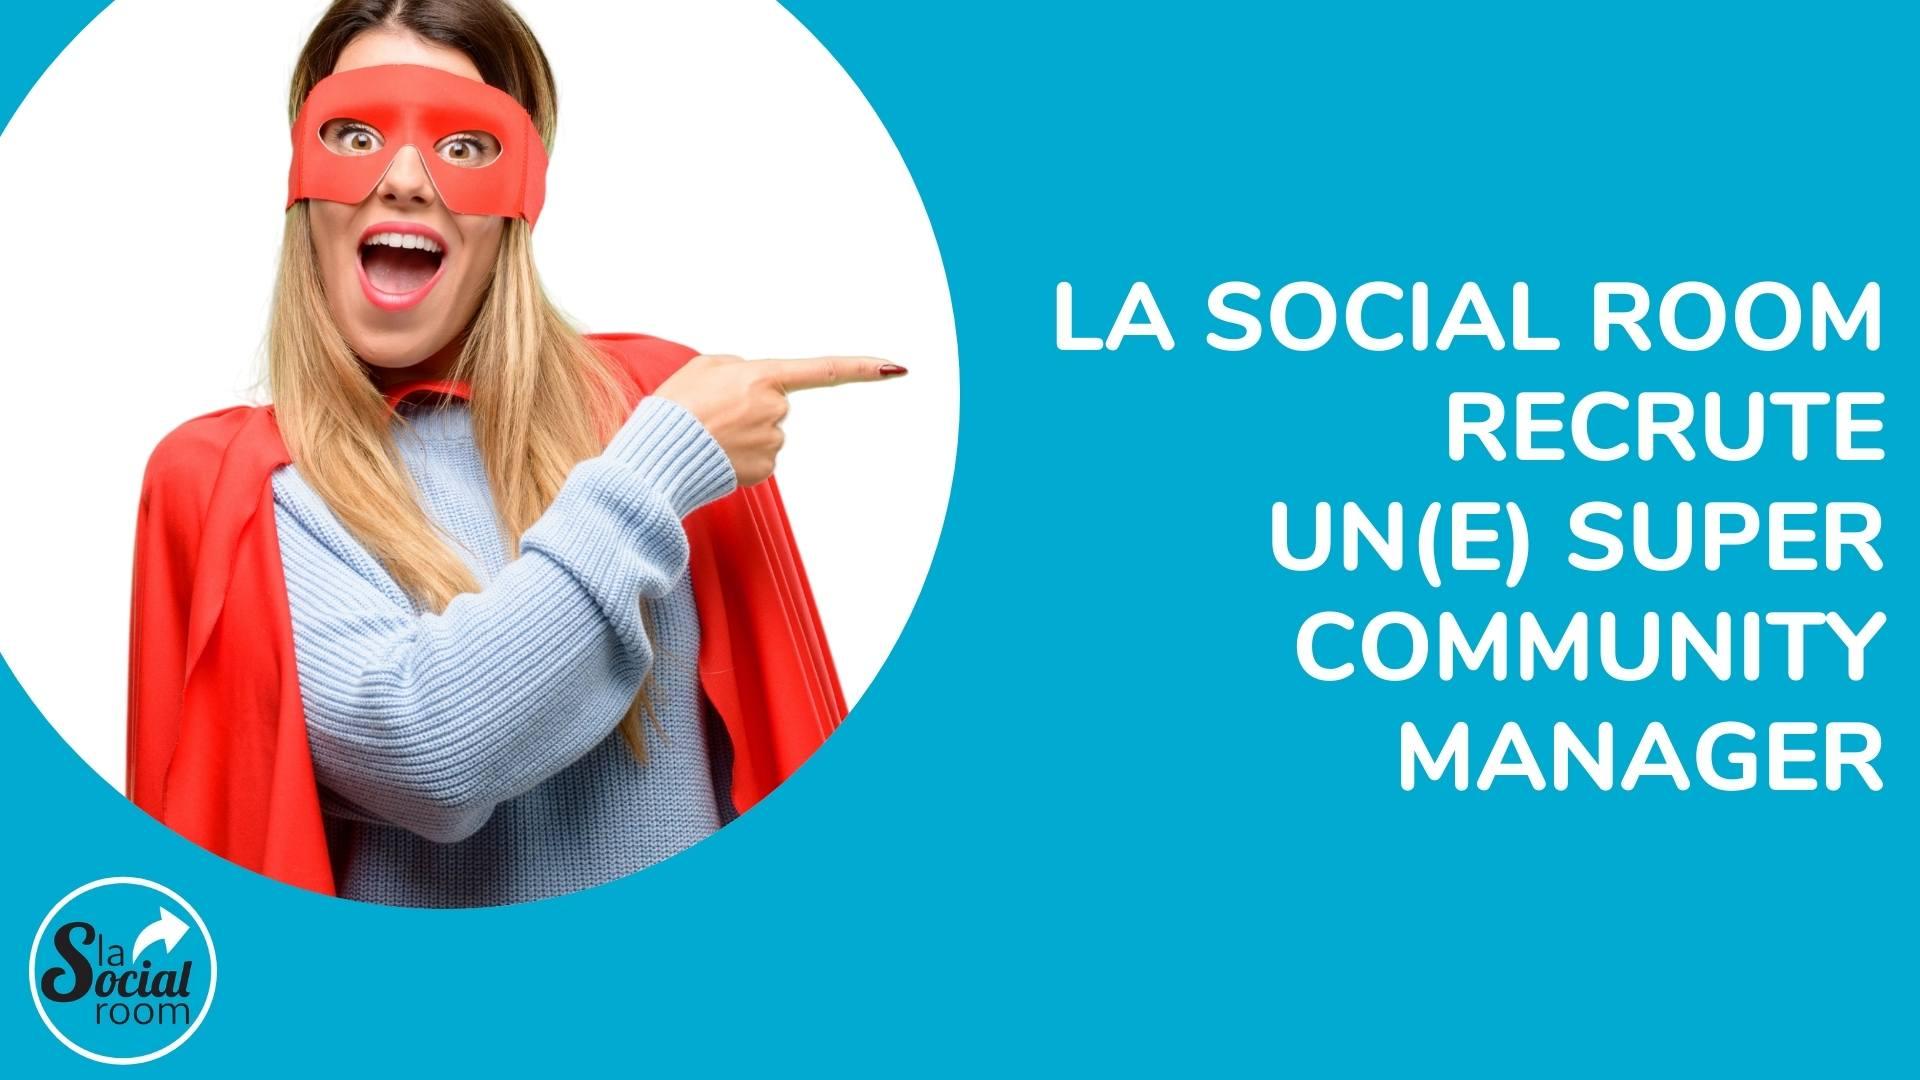 Recrutement community manager La Social Room